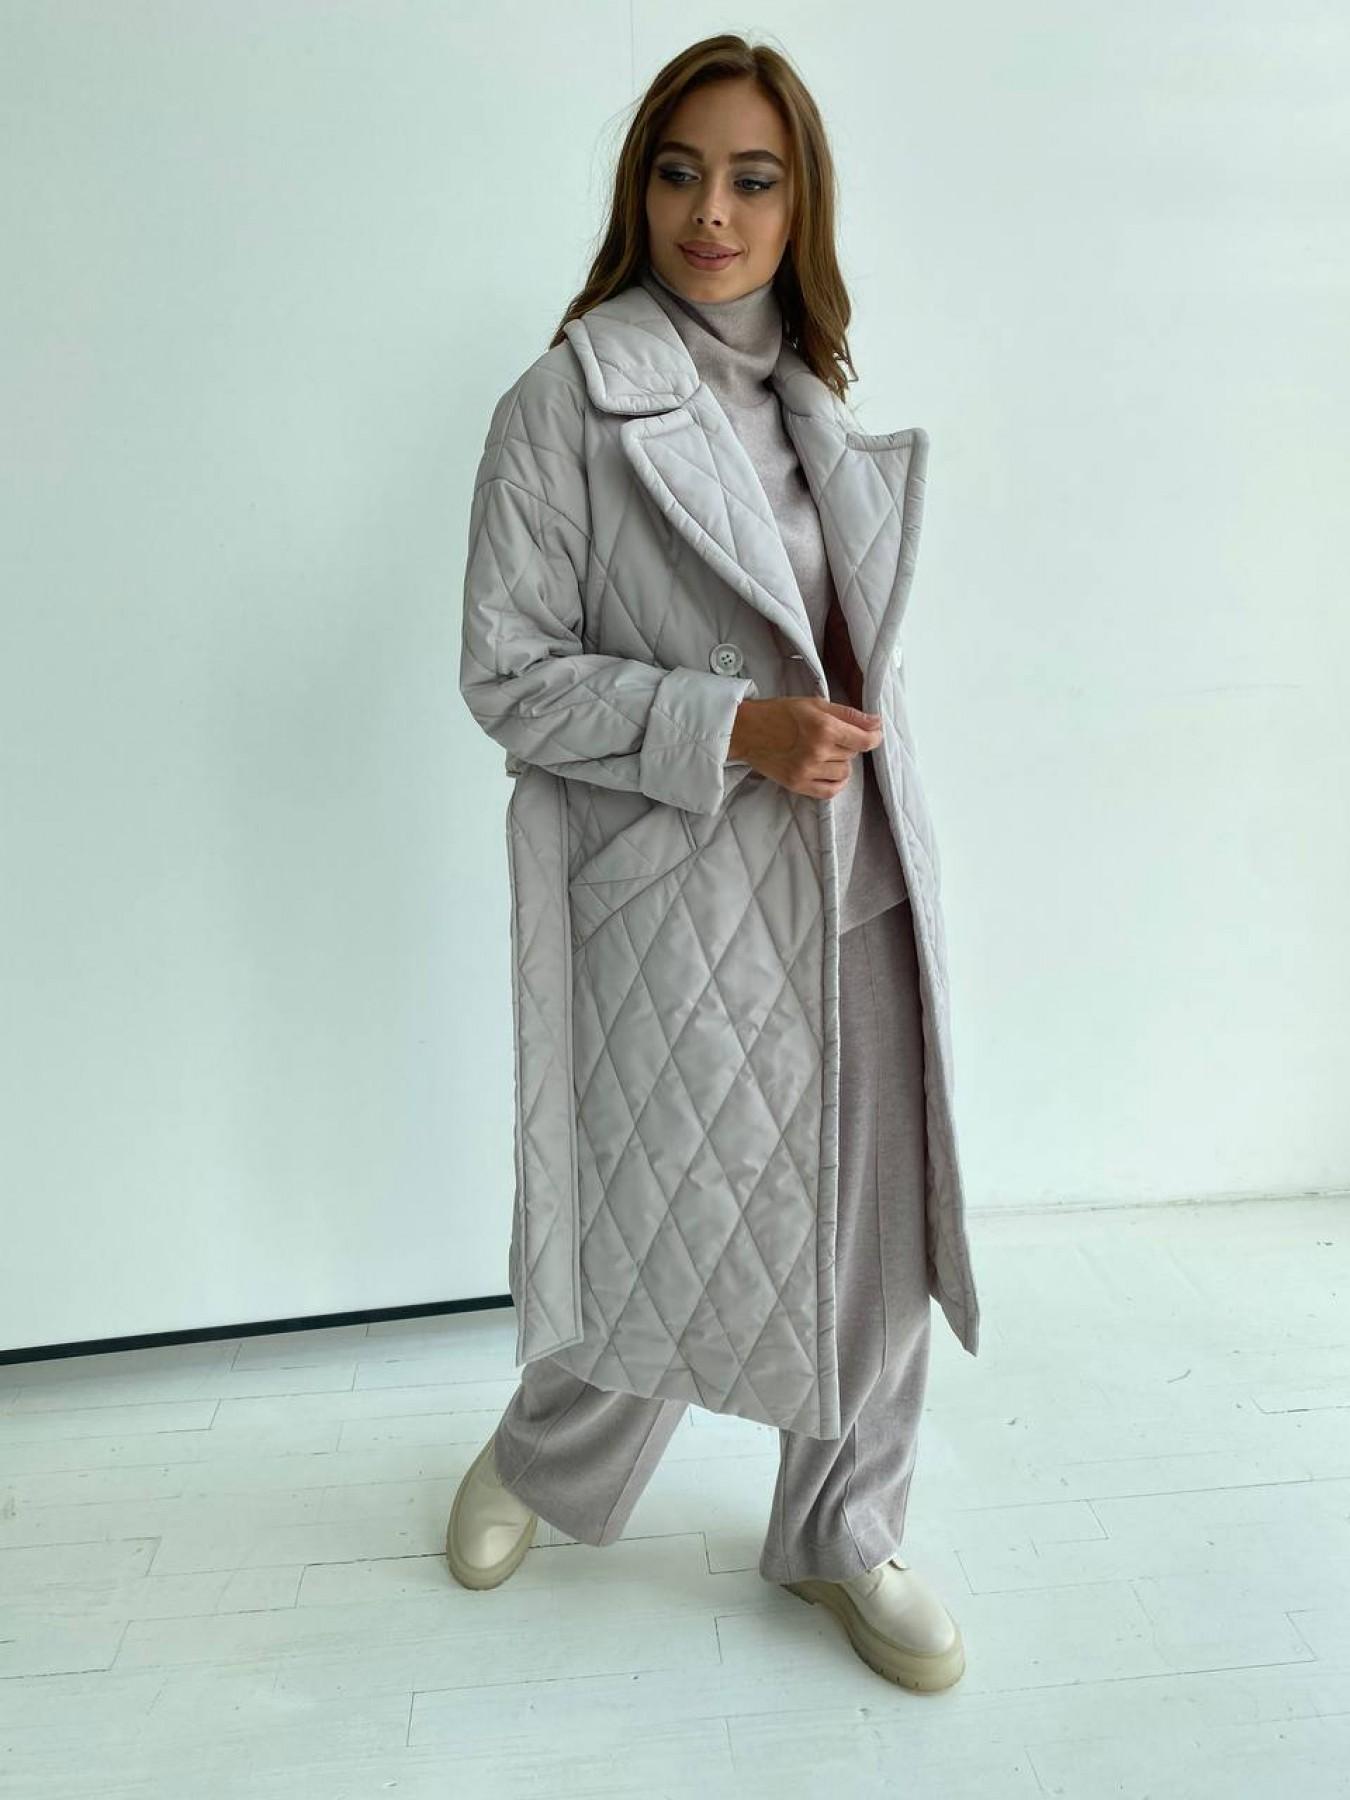 Хаски пальто из стеганой плащевки в ромб 11697 АРТ. 48513 Цвет: Бежевый 971 - фото 6, интернет магазин tm-modus.ru